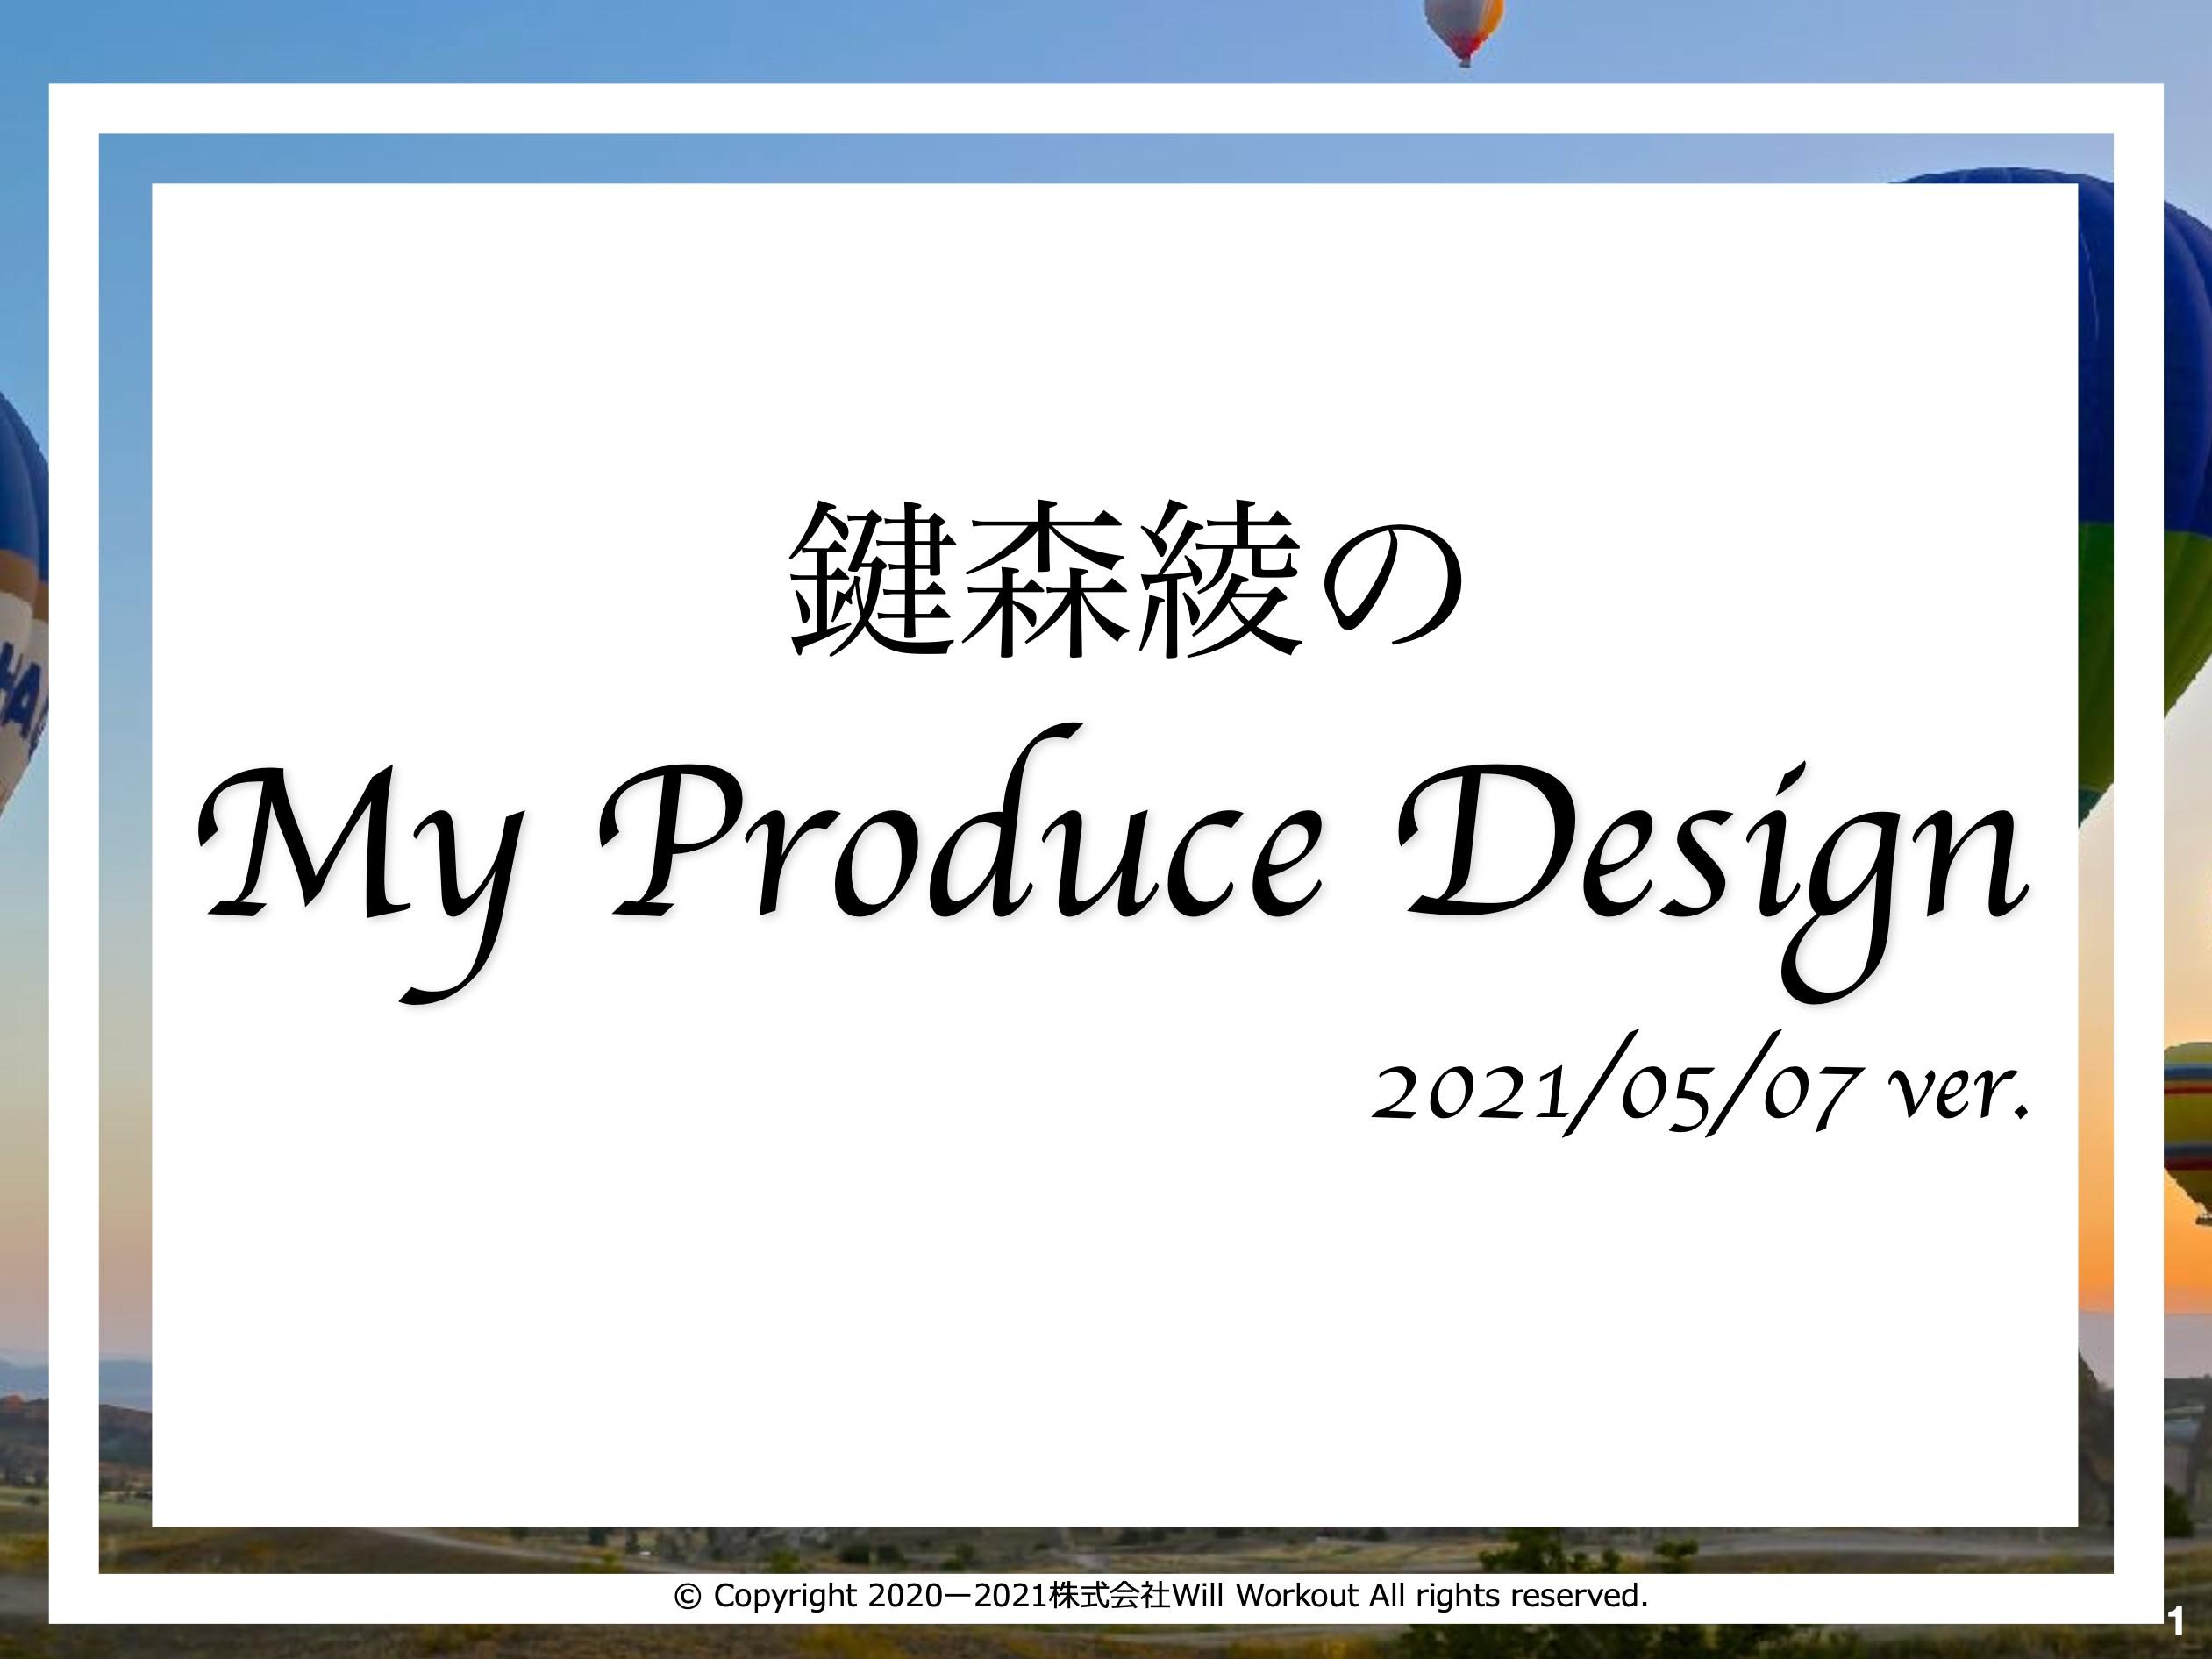 スクリーンショット 2021-07-10 22.05.27.png